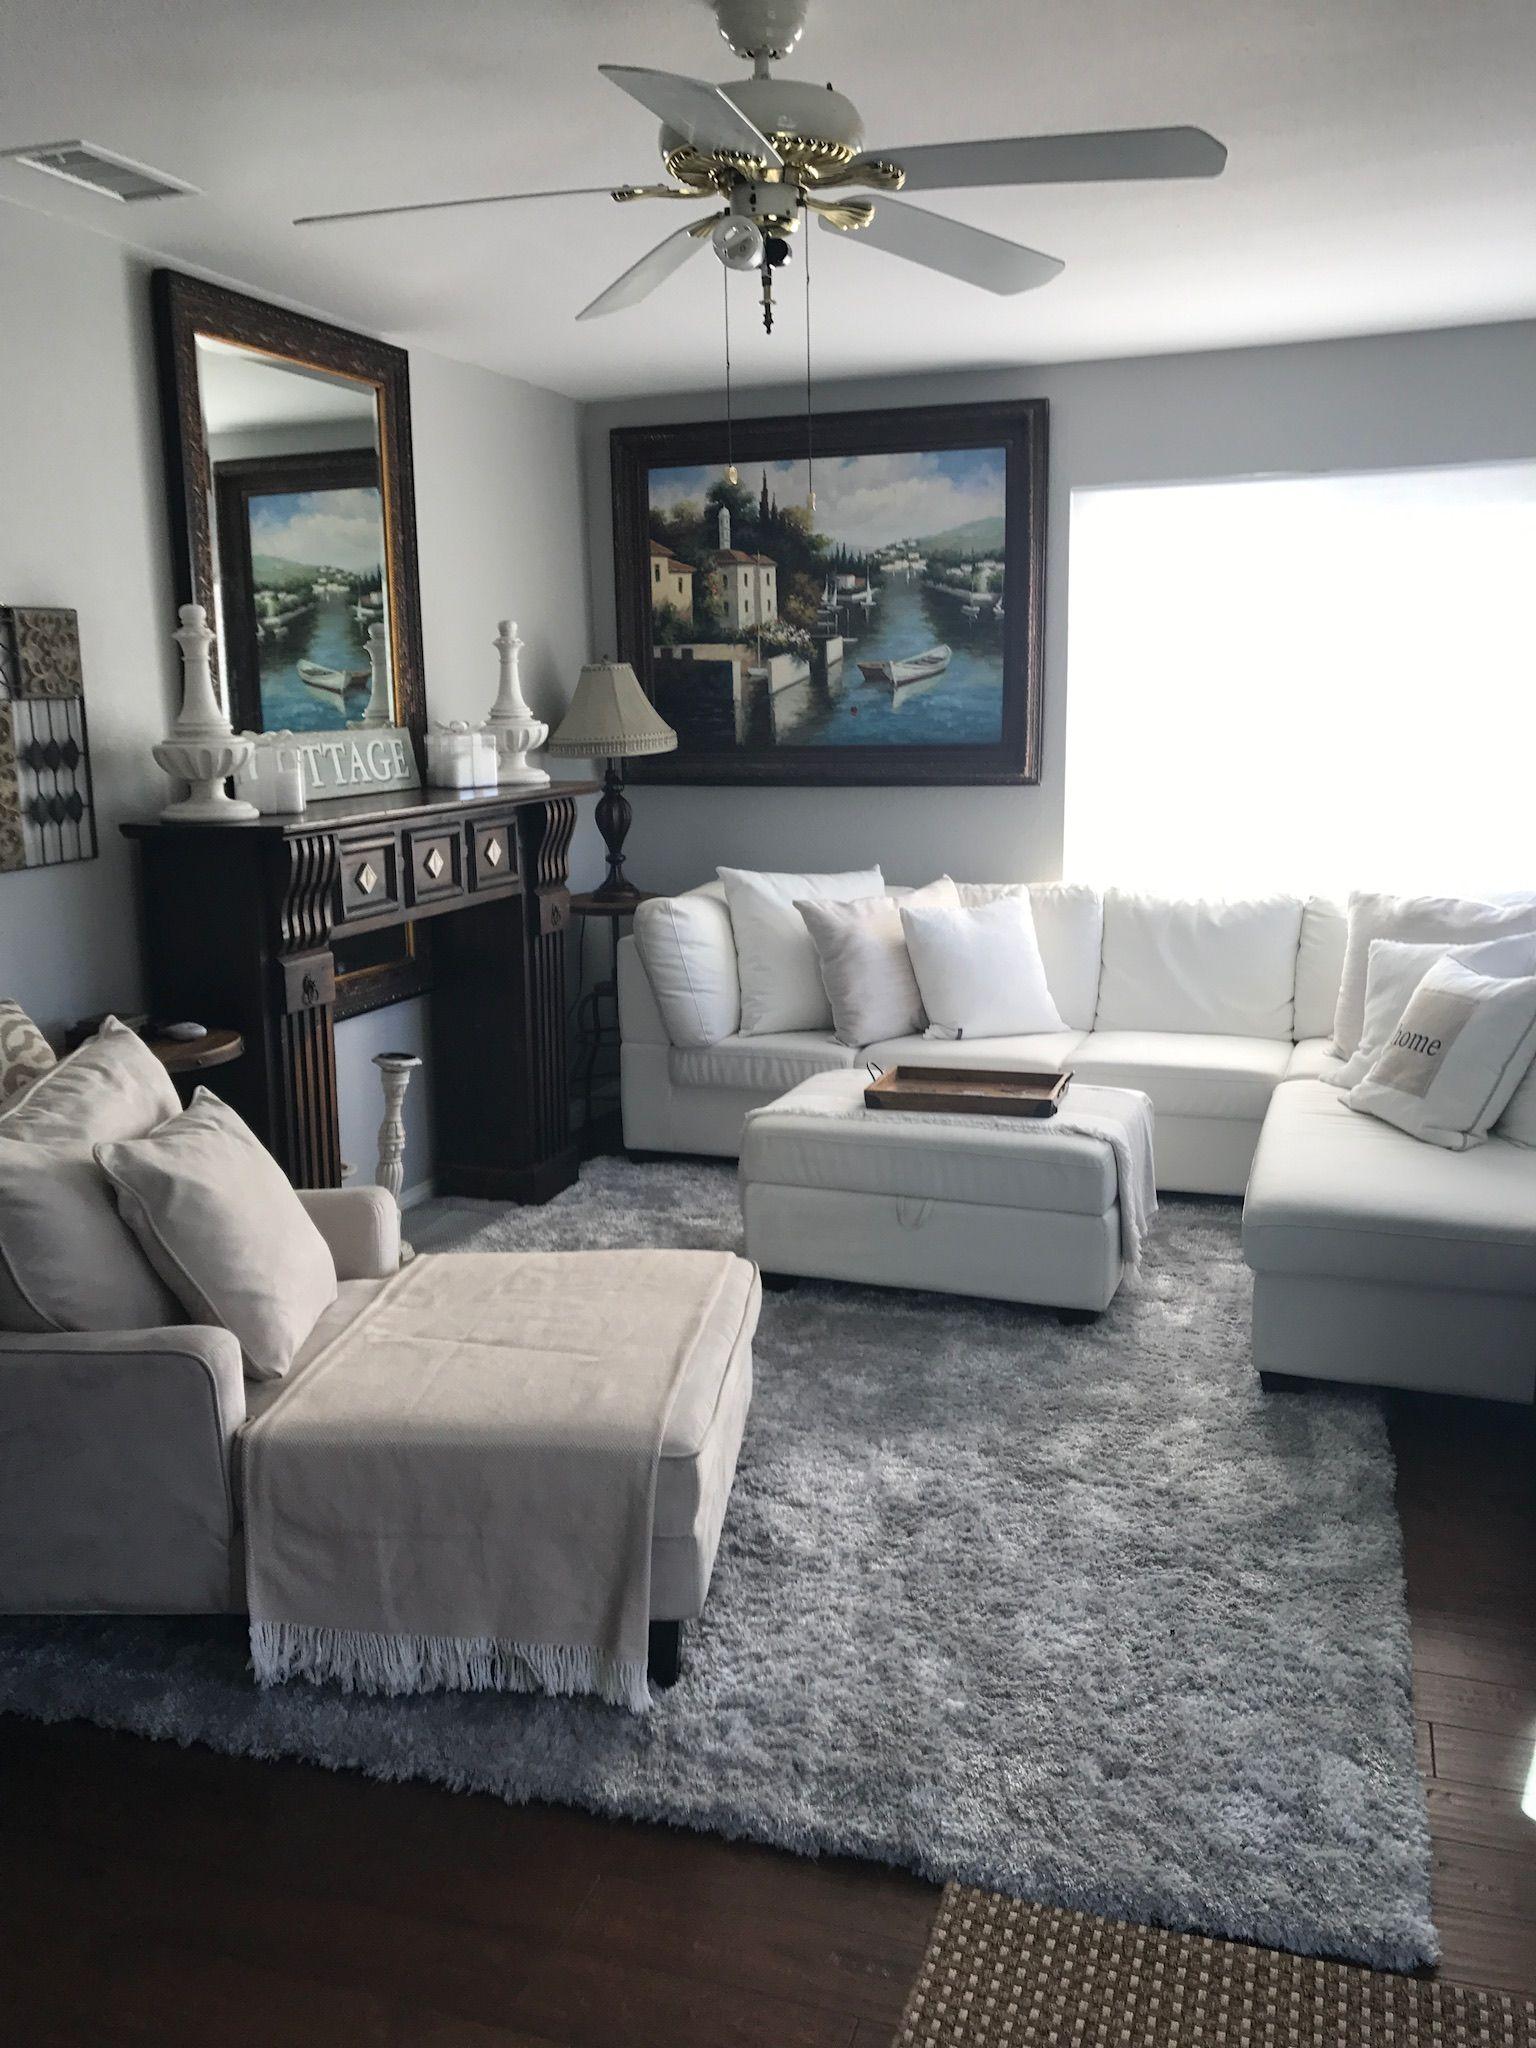 My New Cottage 10x12 Living Room Furniture Design Living Room Living Room Design Styles Living Room Setup